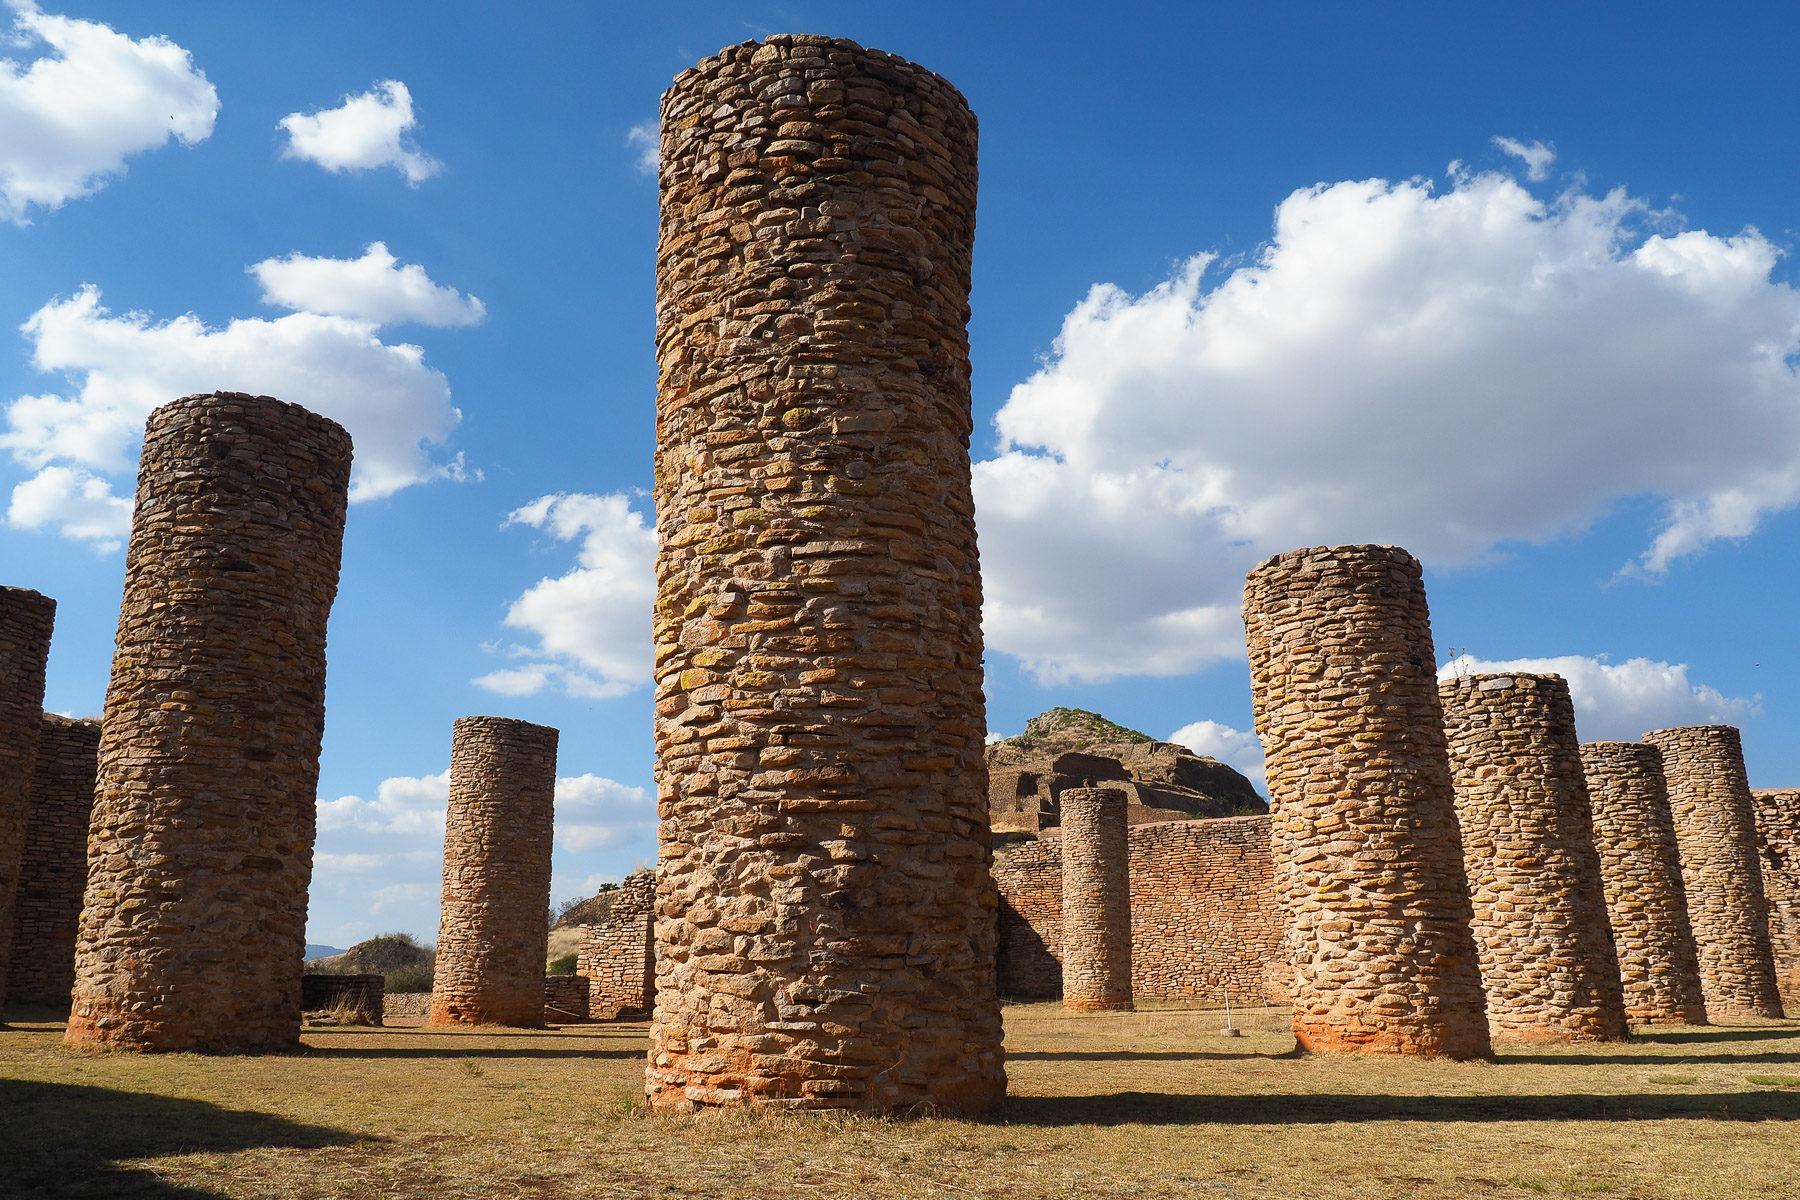 Beeindruckende Säulen, die einmal ein riesiges Dach getragen hatten, das ca. 750 n.C. durch Feuer zerstört wurde